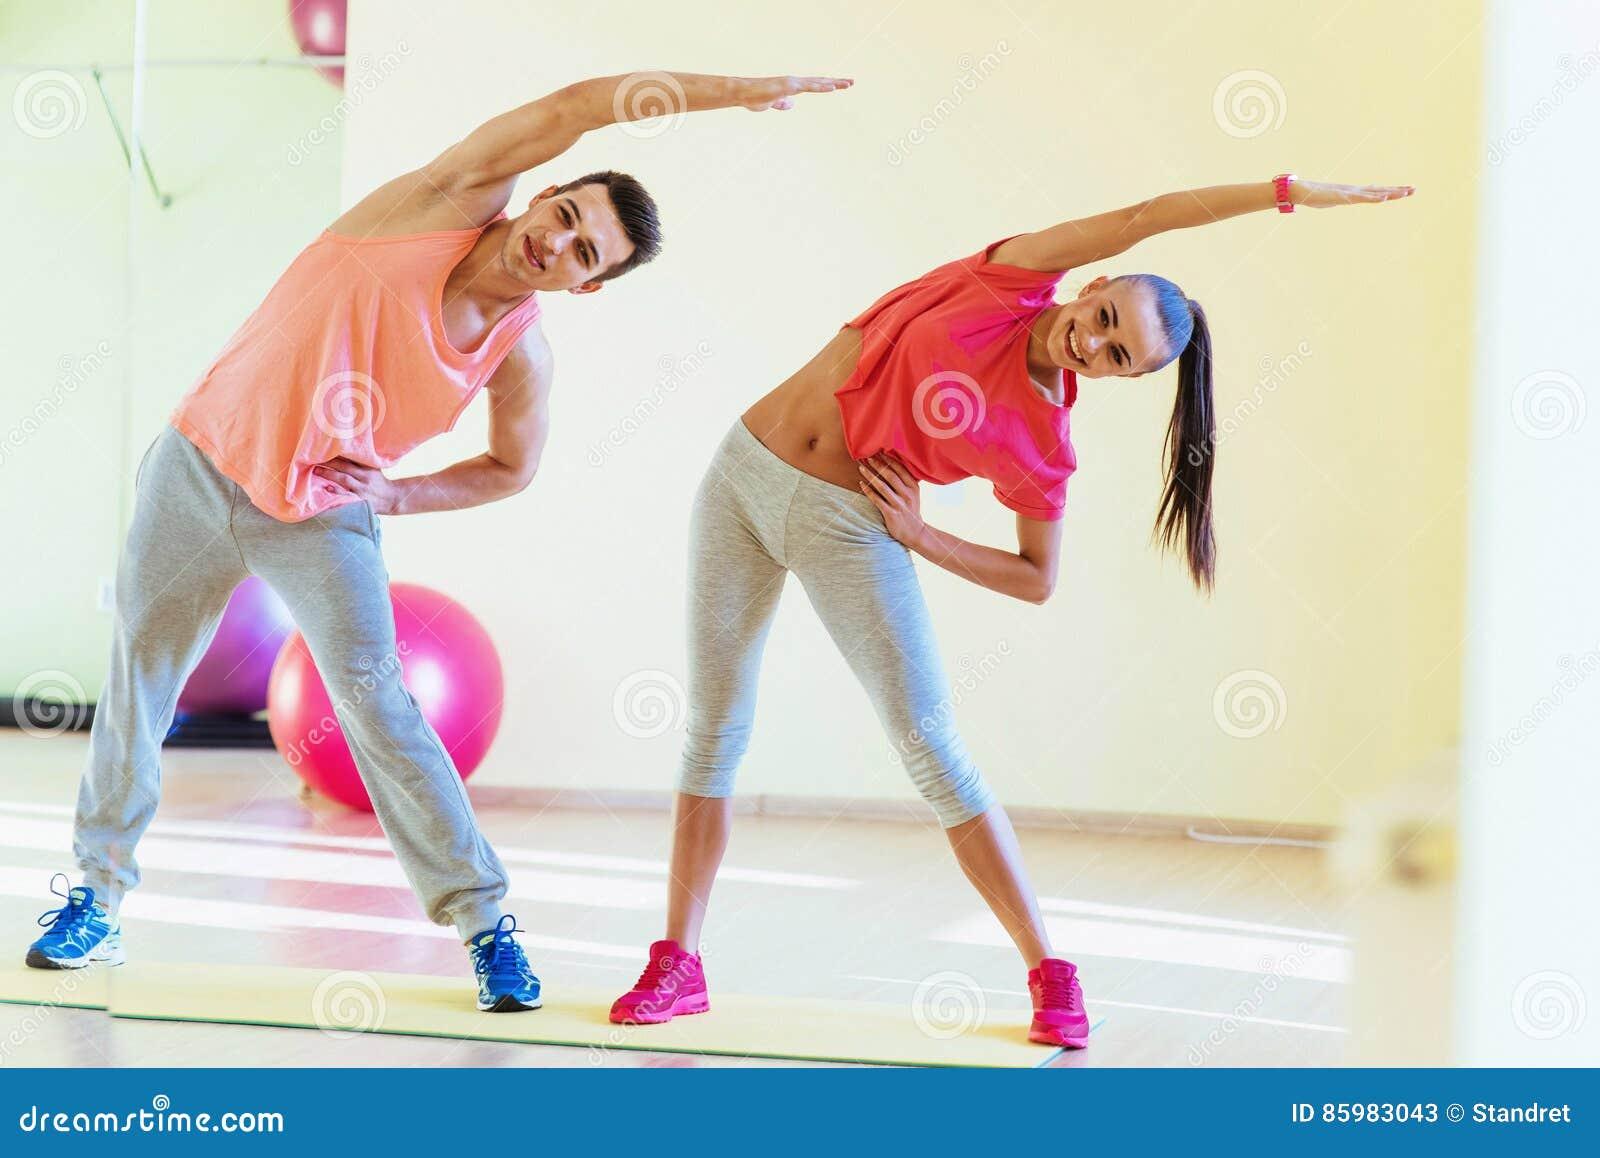 Δύο νέοι στη γυμναστική που κάνει τις ασκήσεις για την ικανότητα